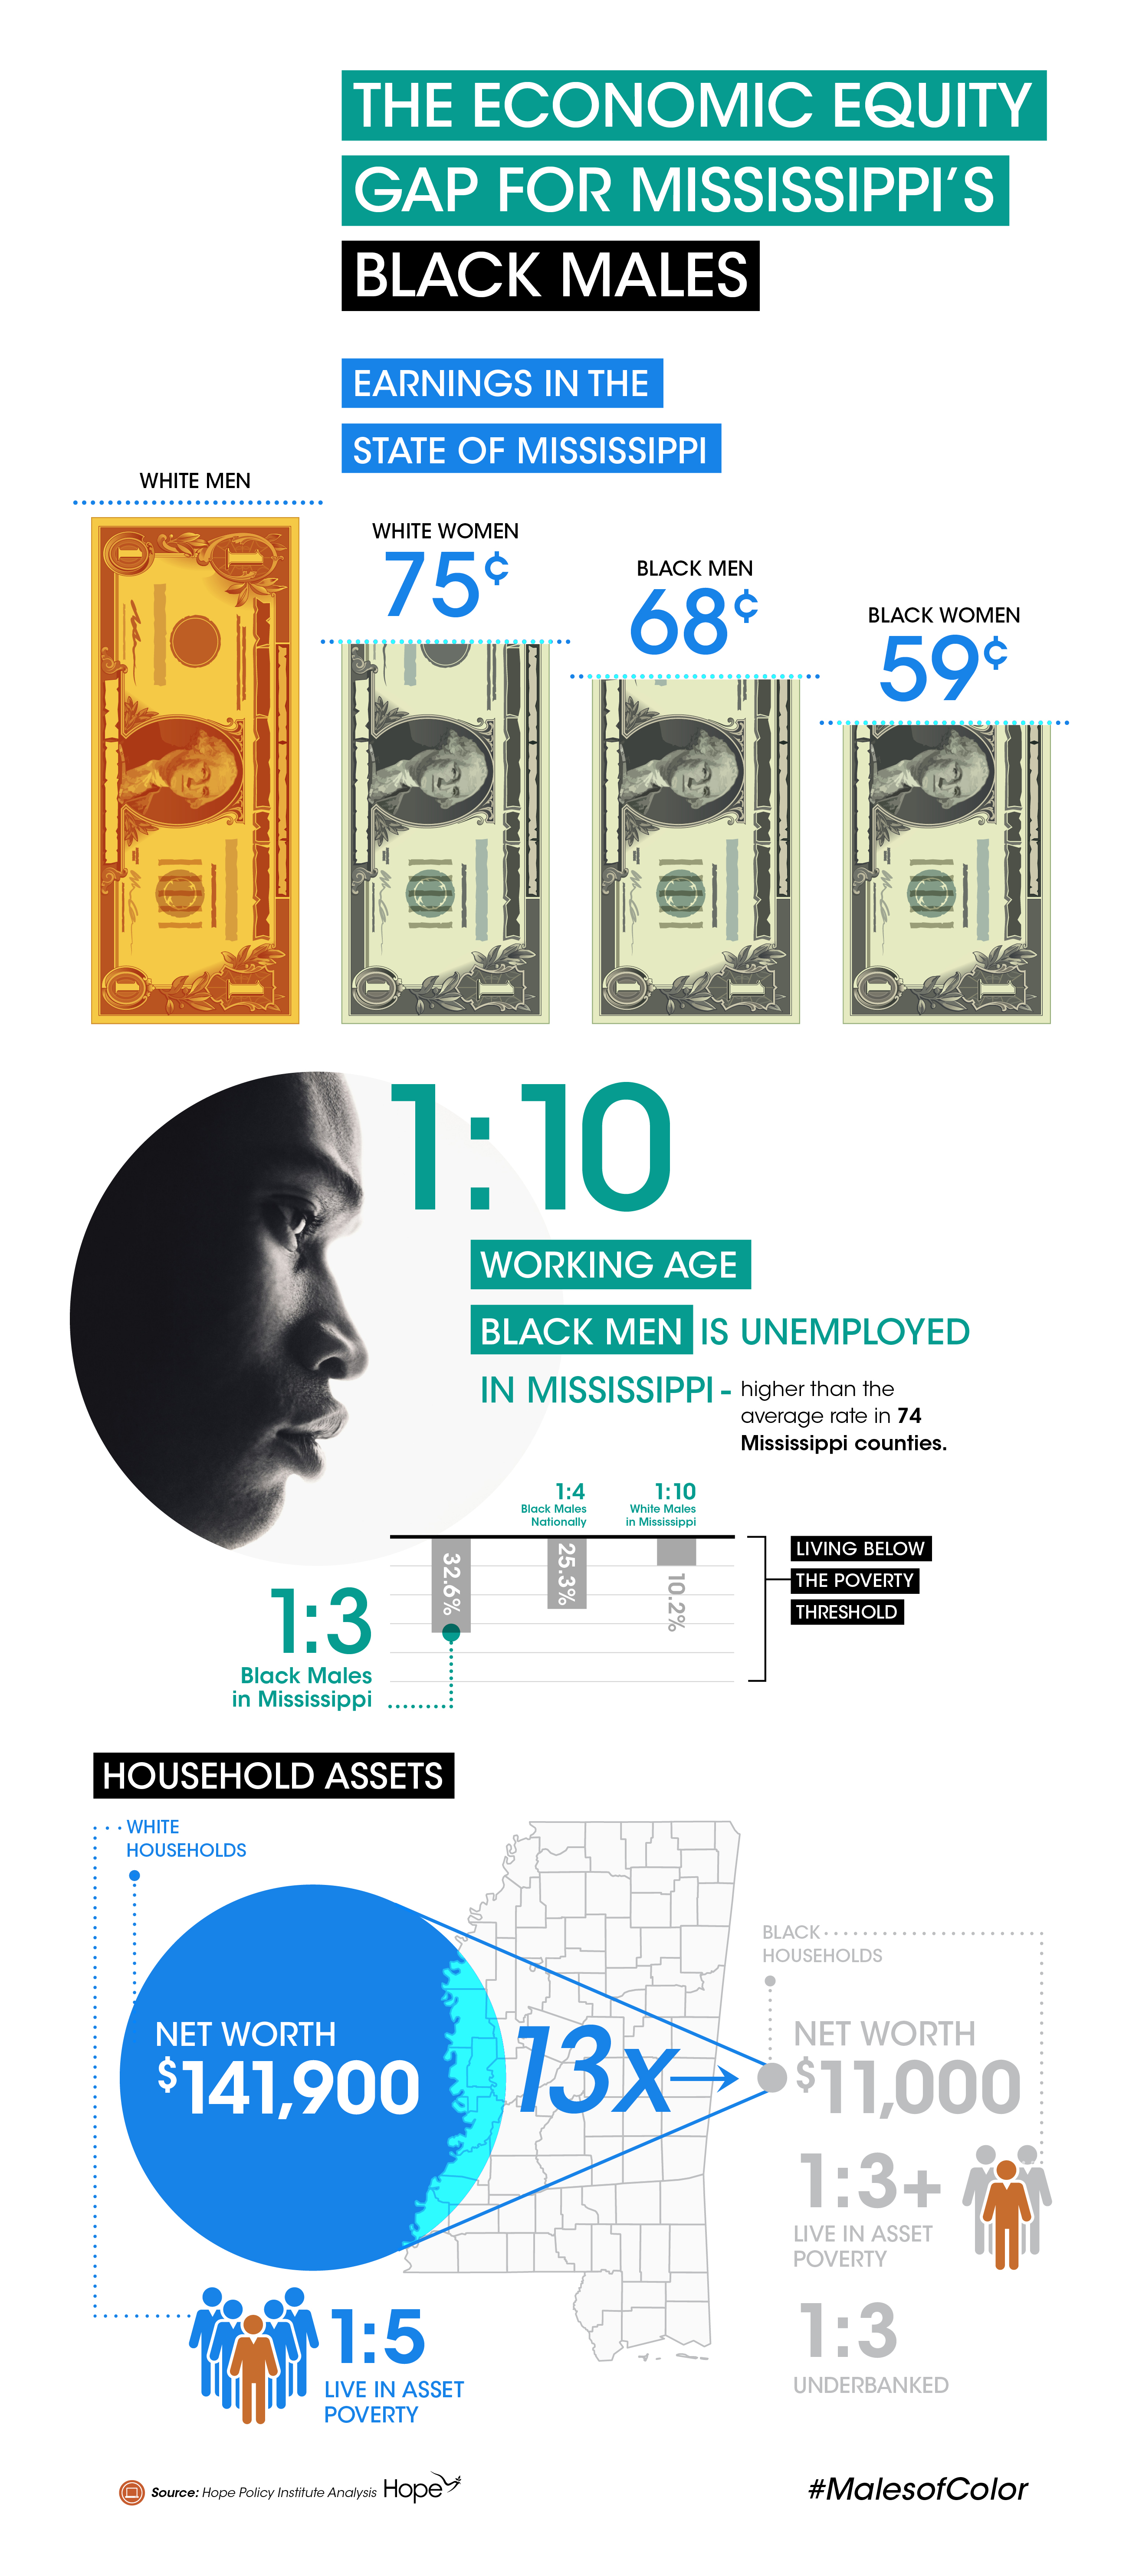 MOC_Infographic_ECONOMIC EQUITY GAP